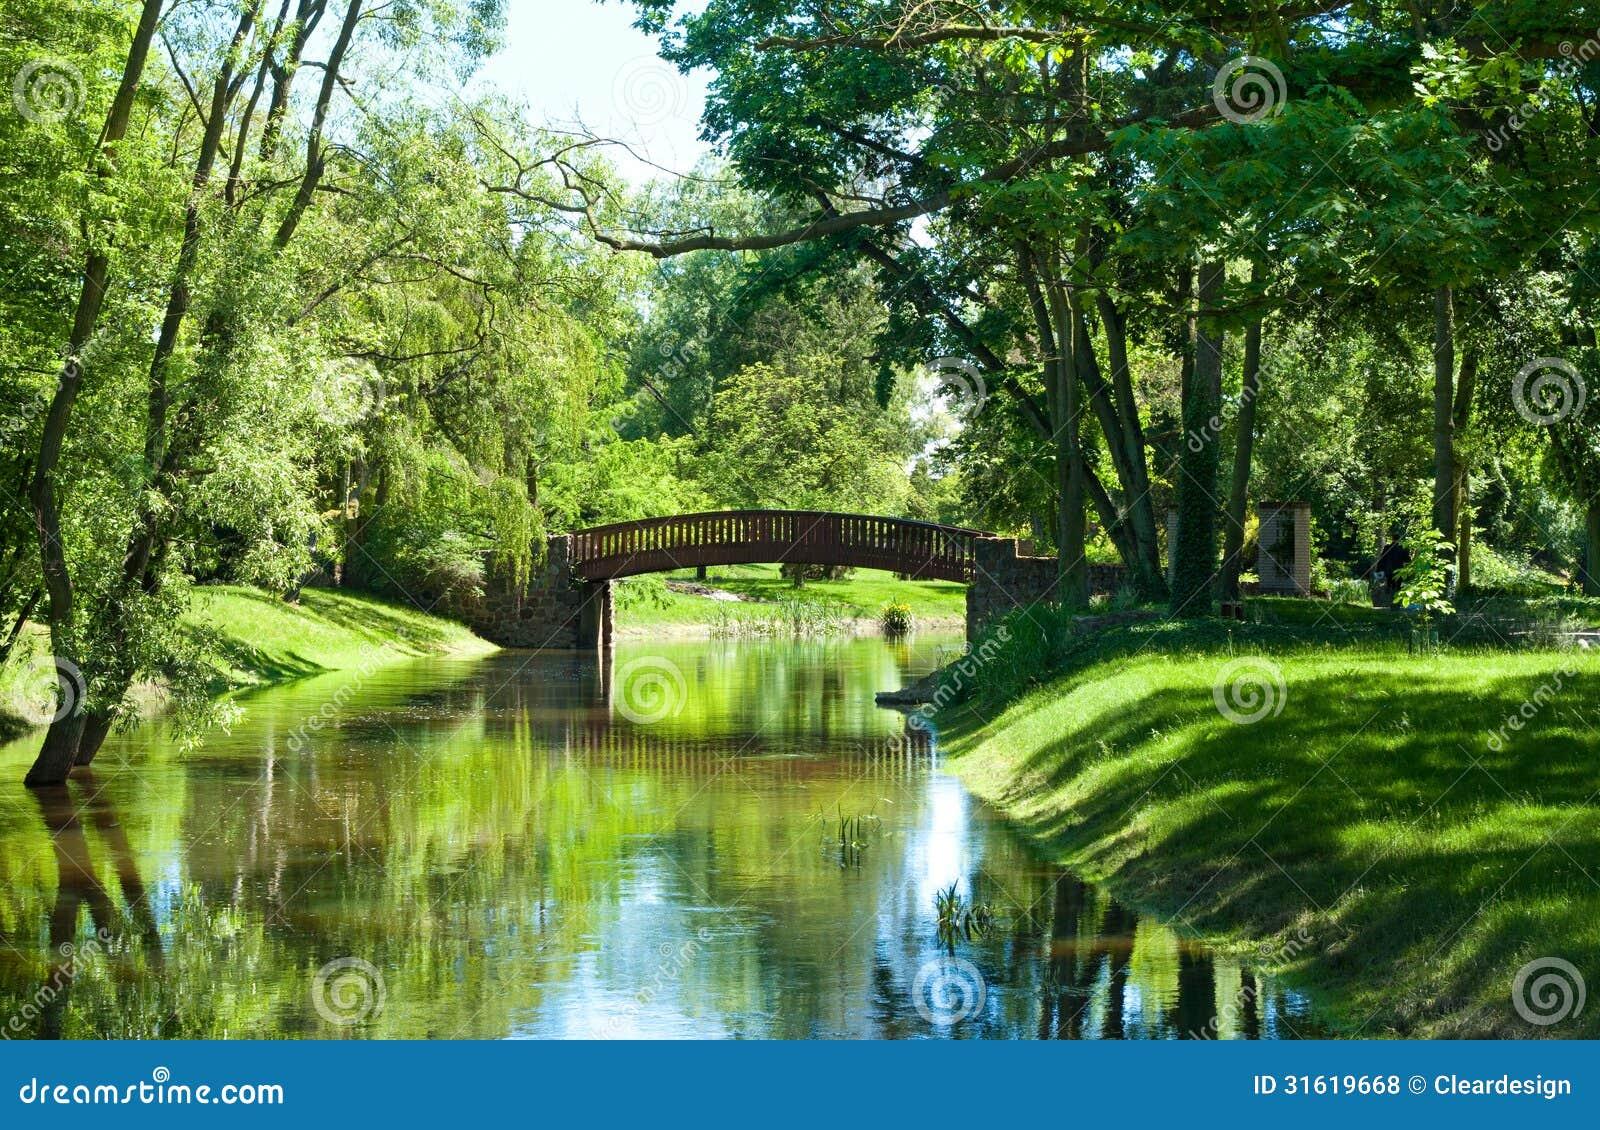 spring garden bridge park - photo #28